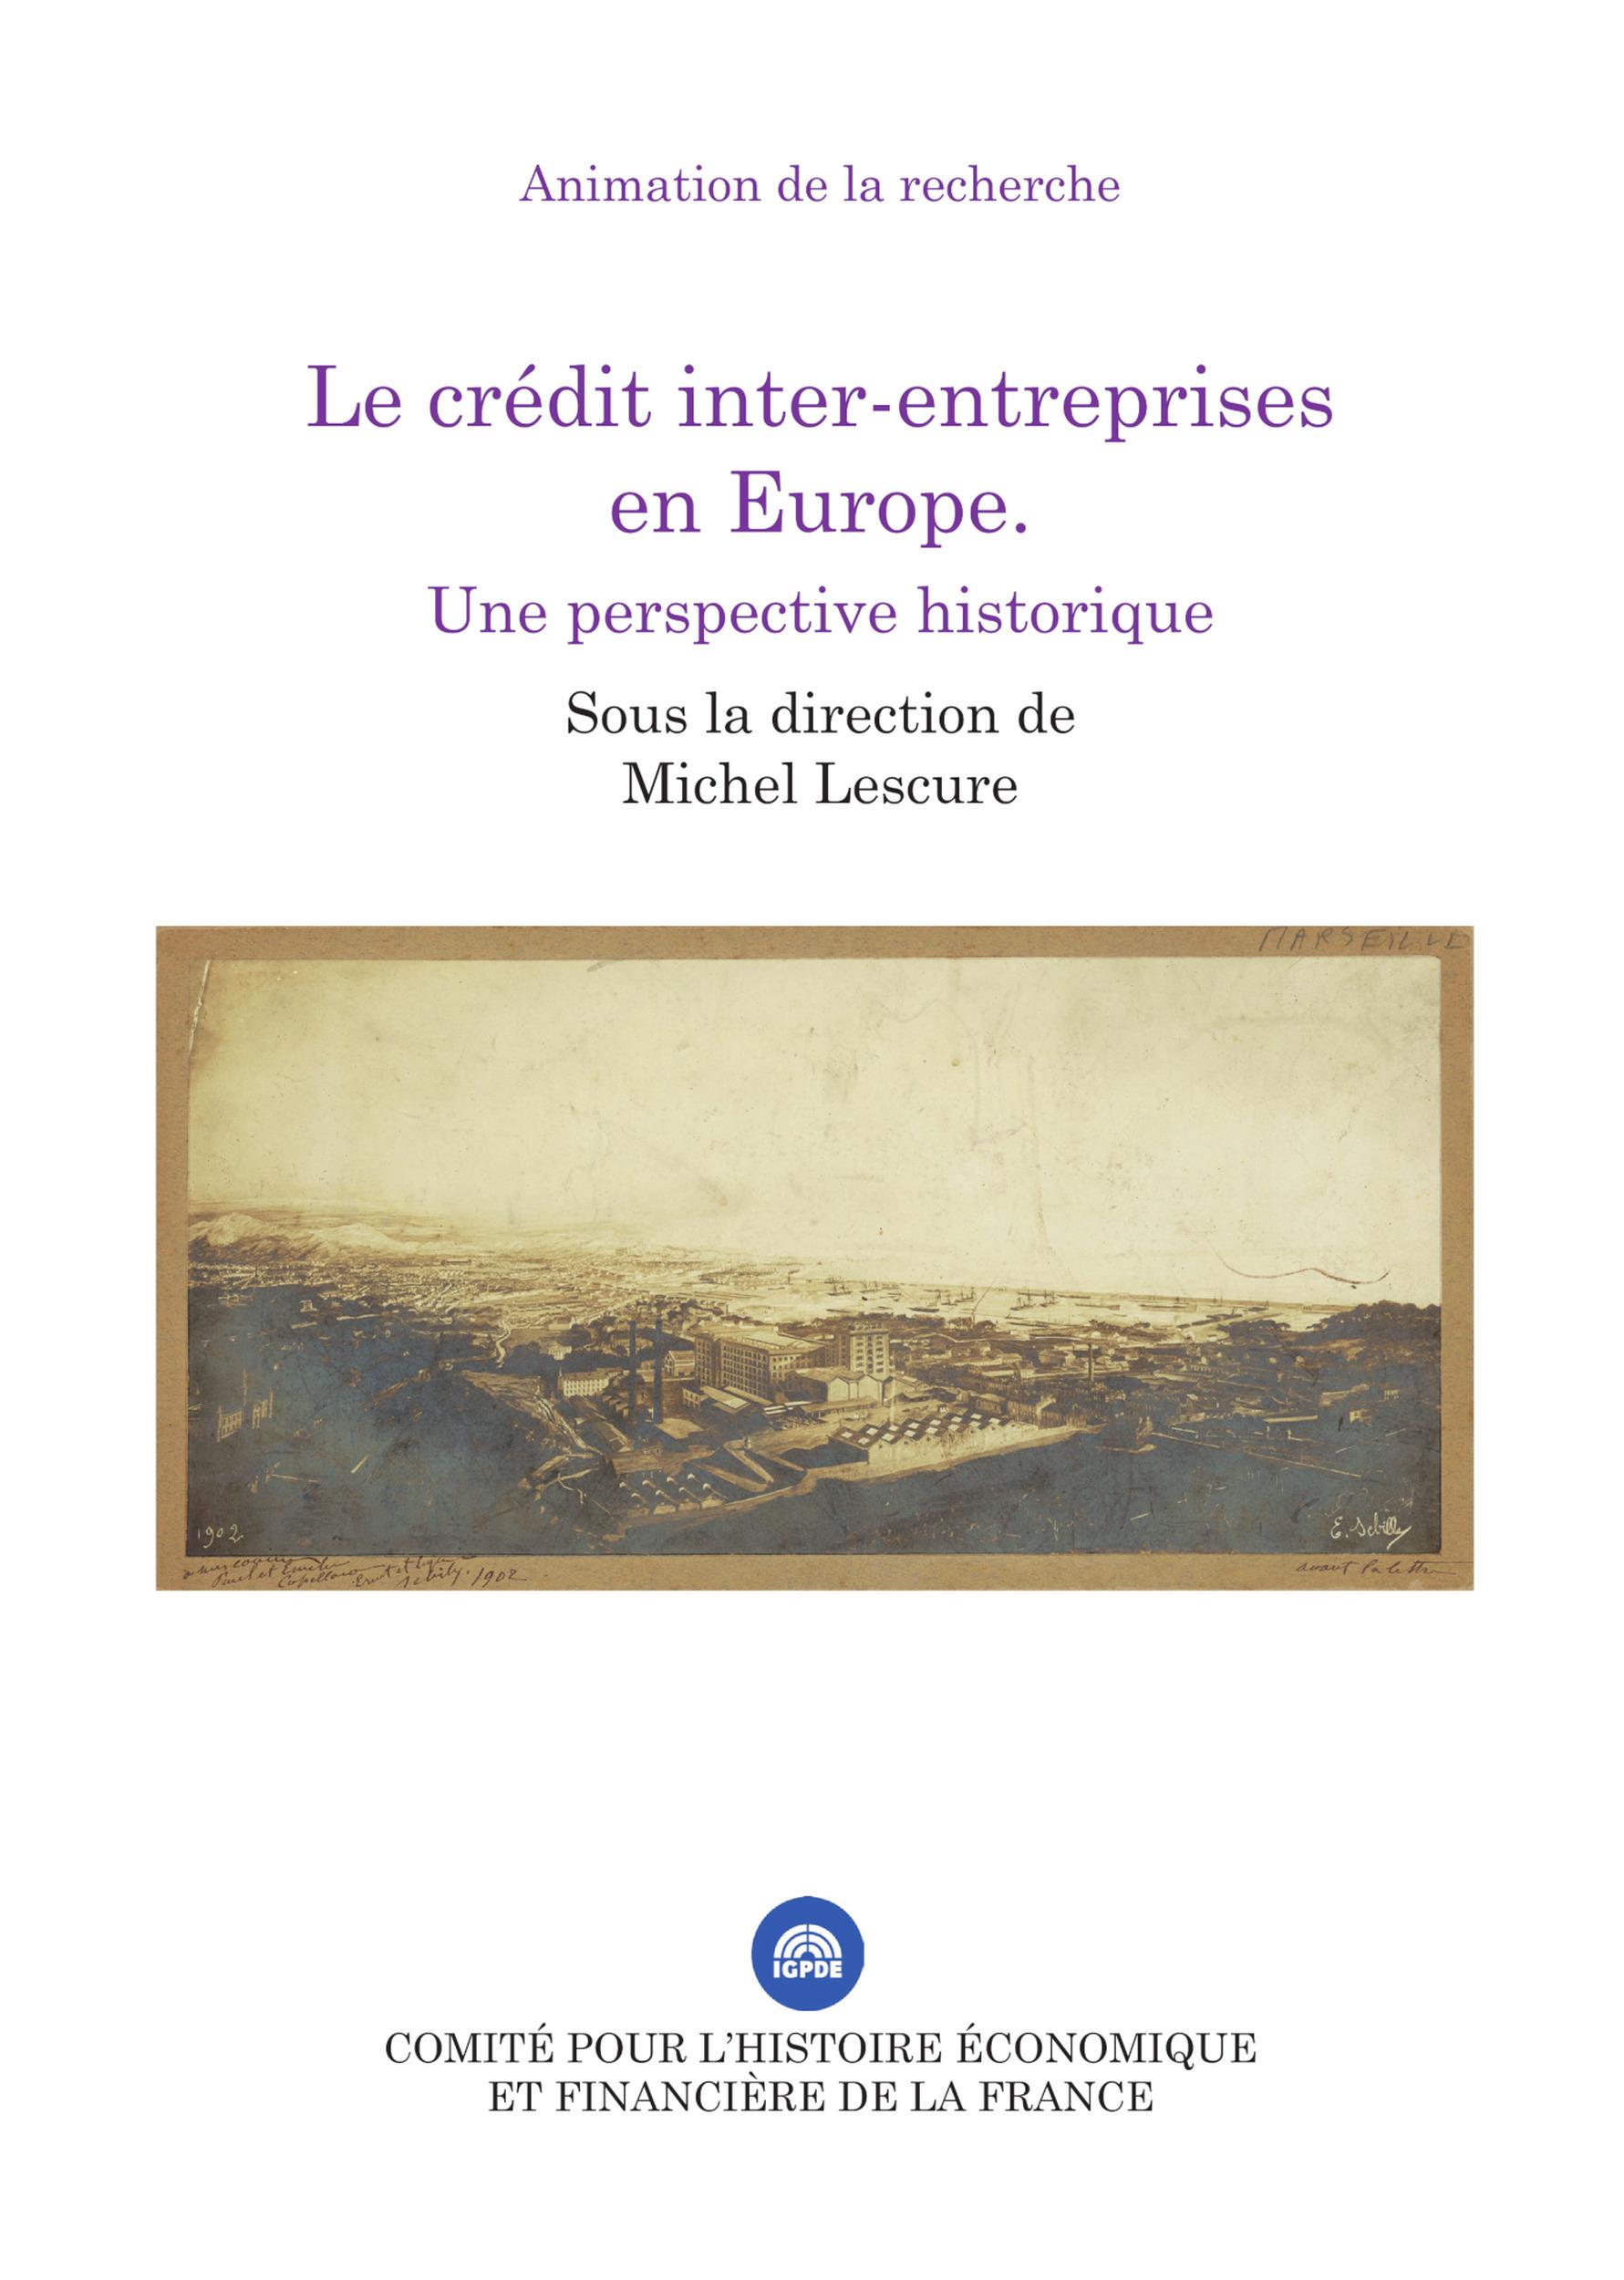 Le crédit inter-entreprises en Europe ; une perspective historique